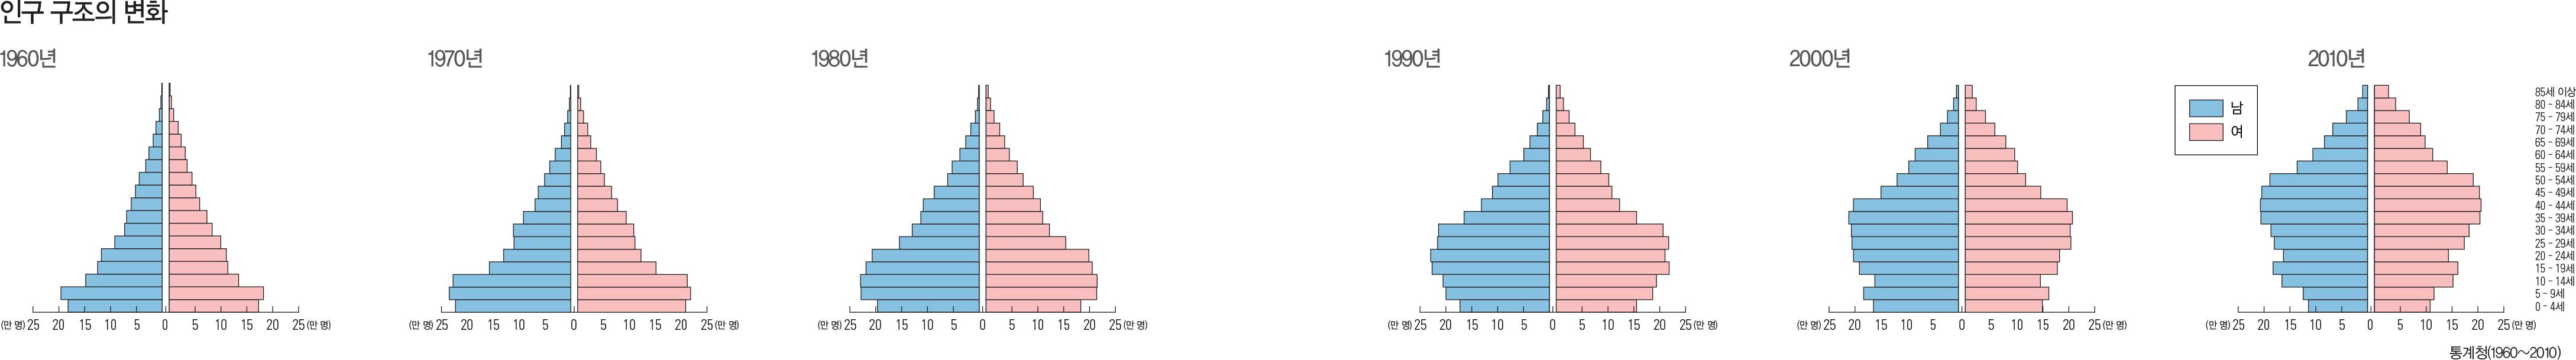 인구 구조의 변화